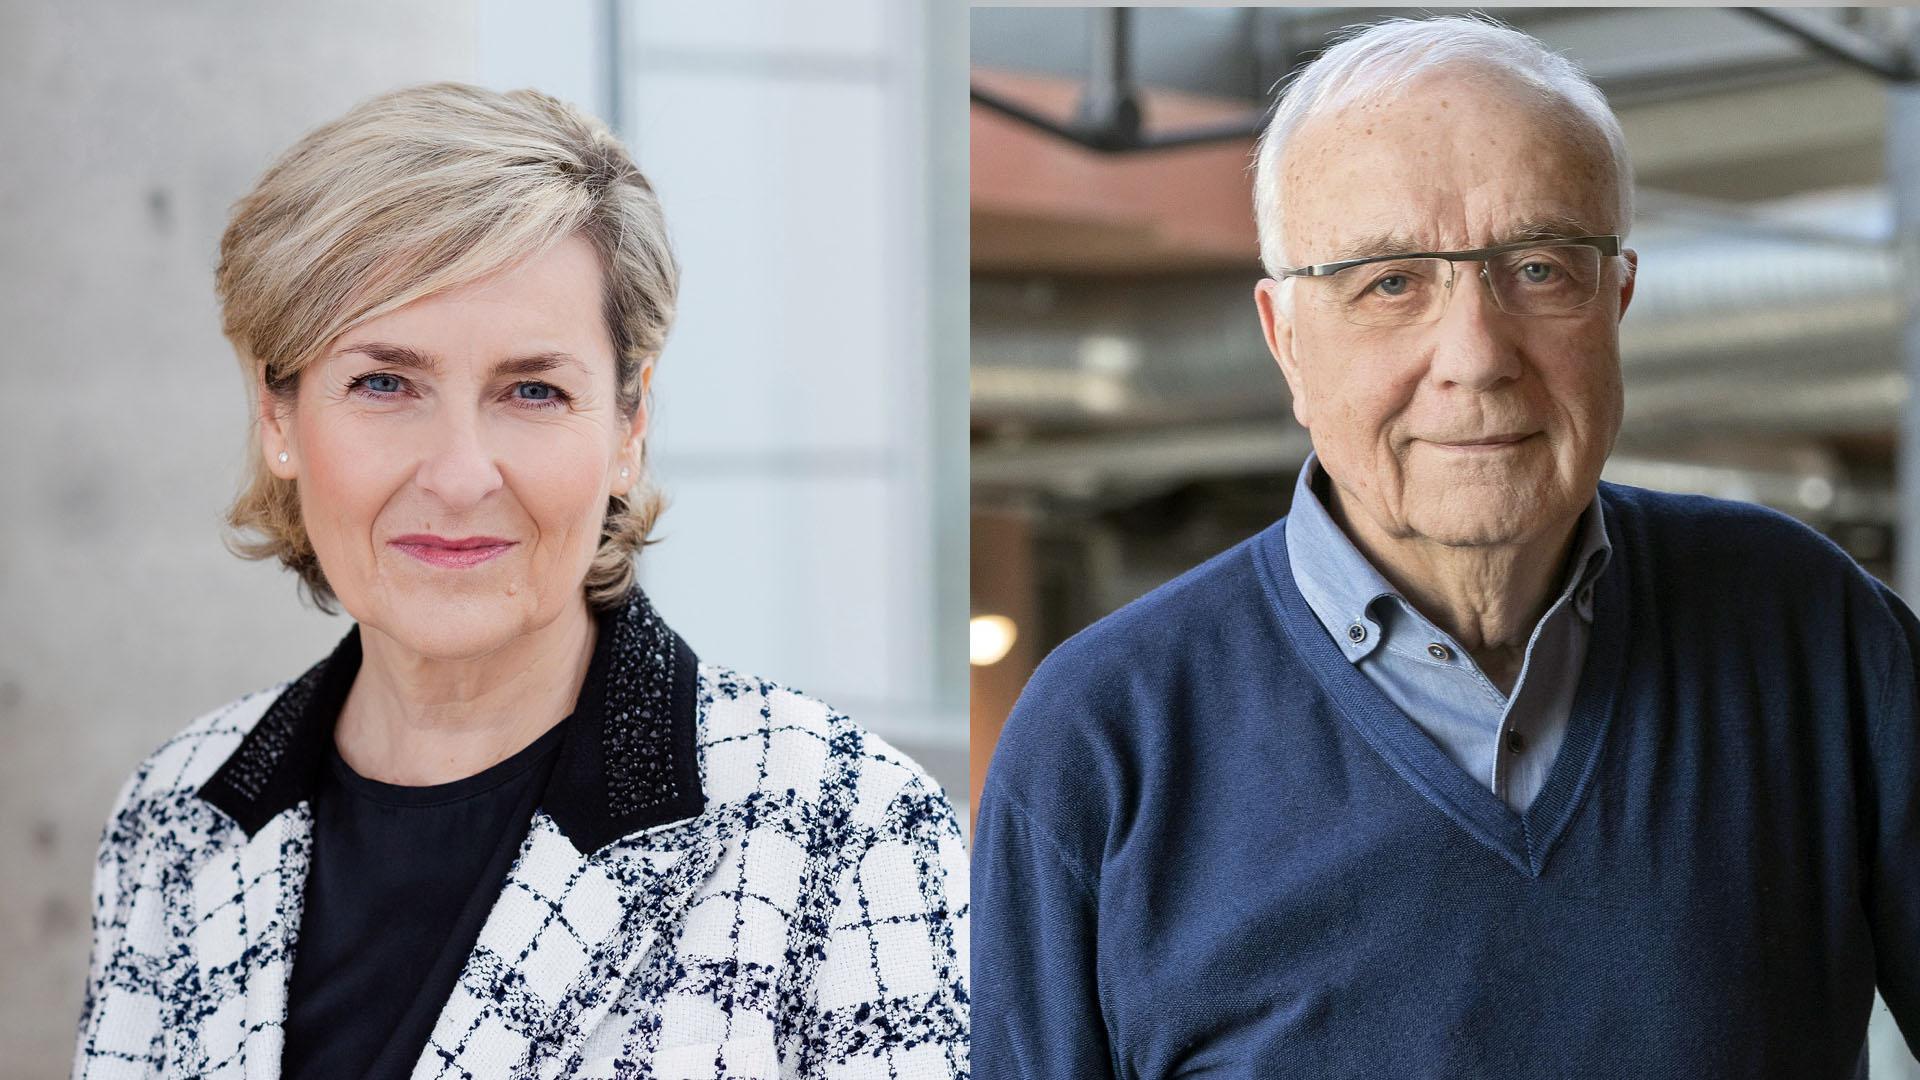 Karola Wille und Fritz Pleitgen. | Bildquelle: MDR/WDR